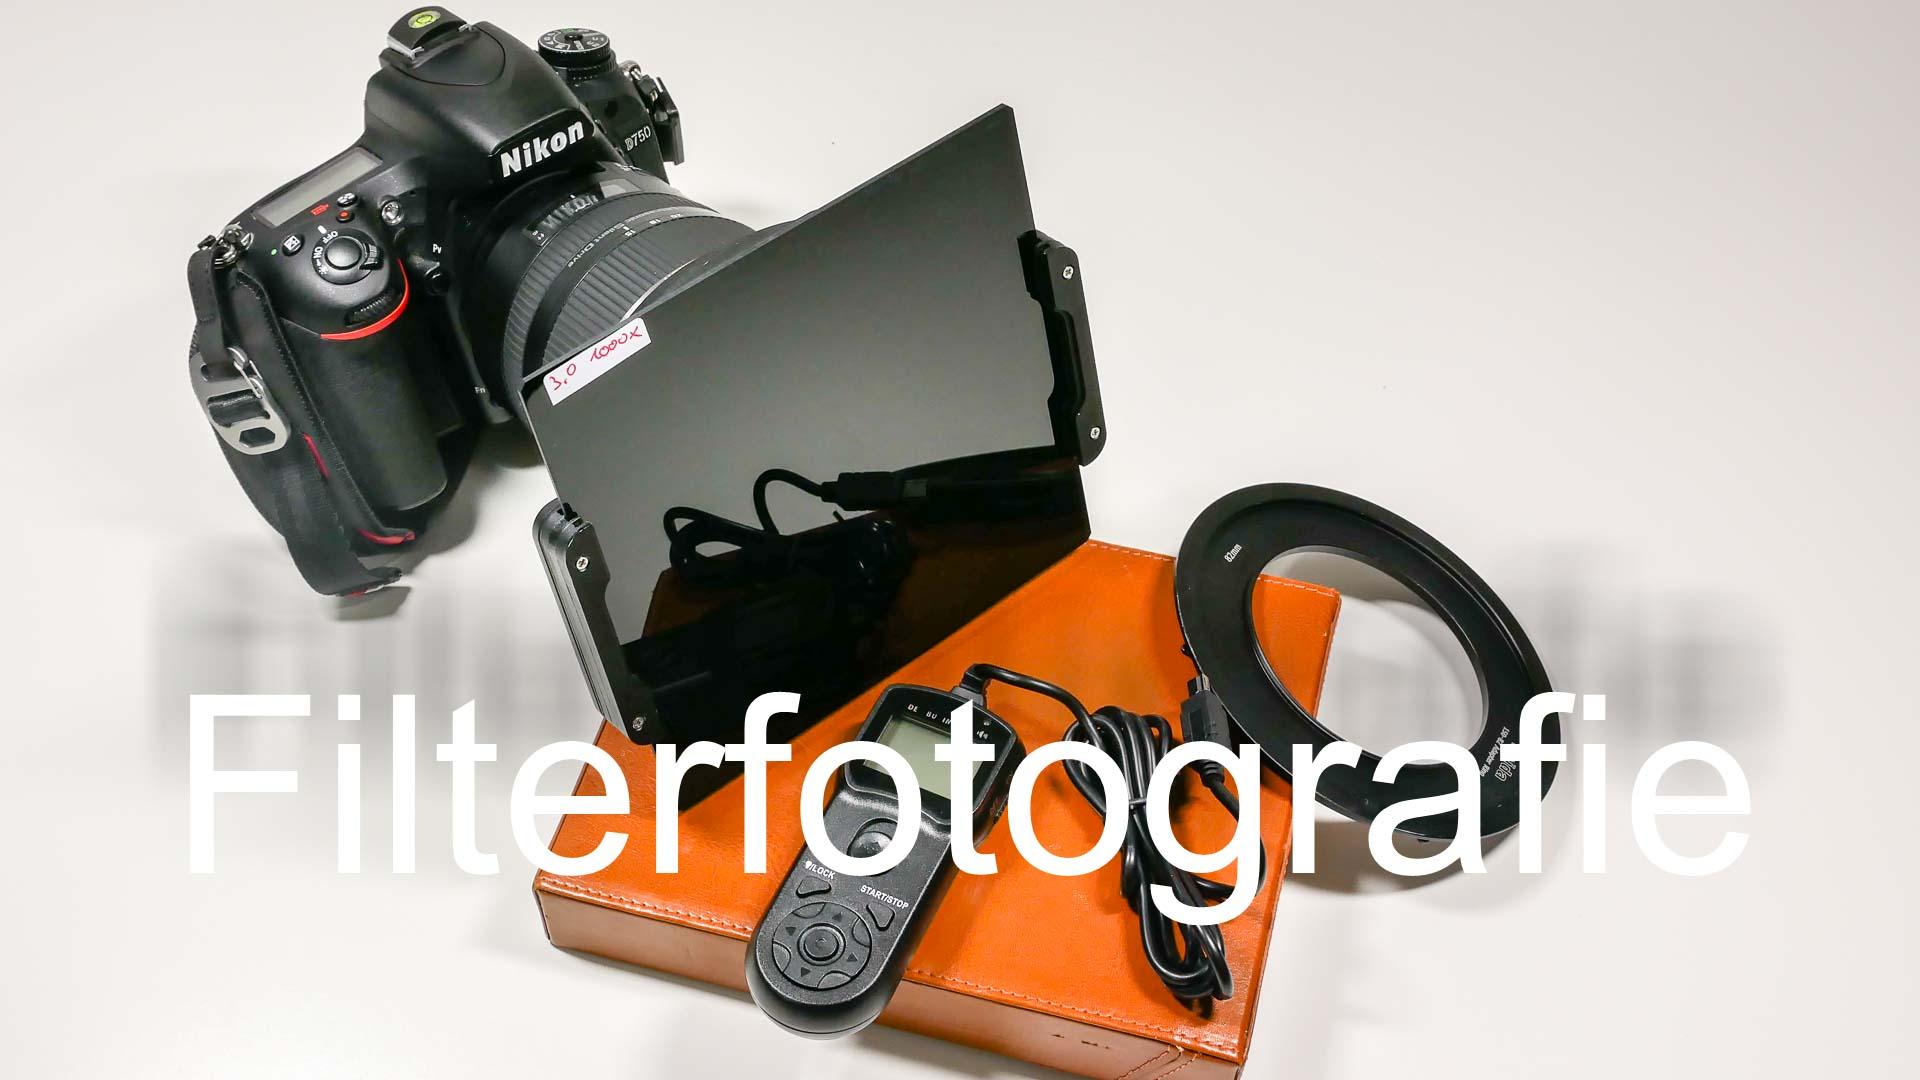 Filterfotografie für Einsteiger, Teil 1, Allgemeine Einführung.